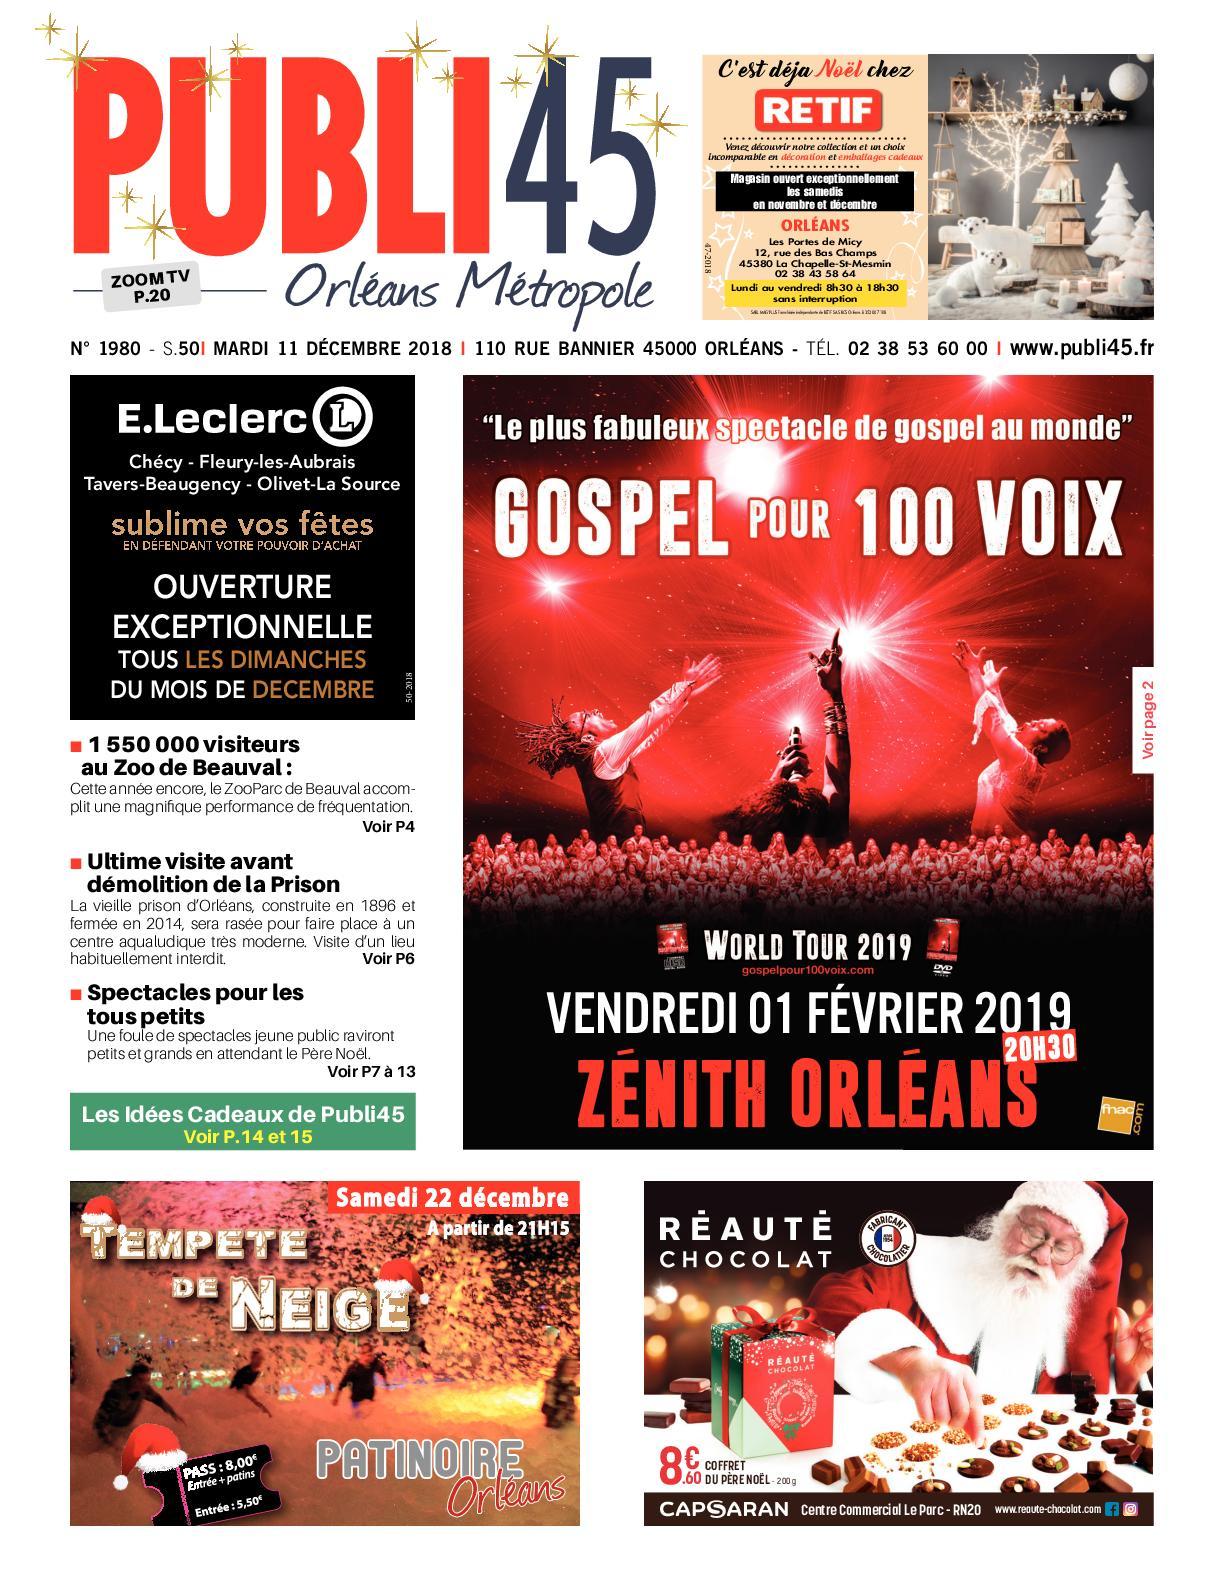 Envia Cuisine Fleury Les Aubrais calaméo - publi45 502018